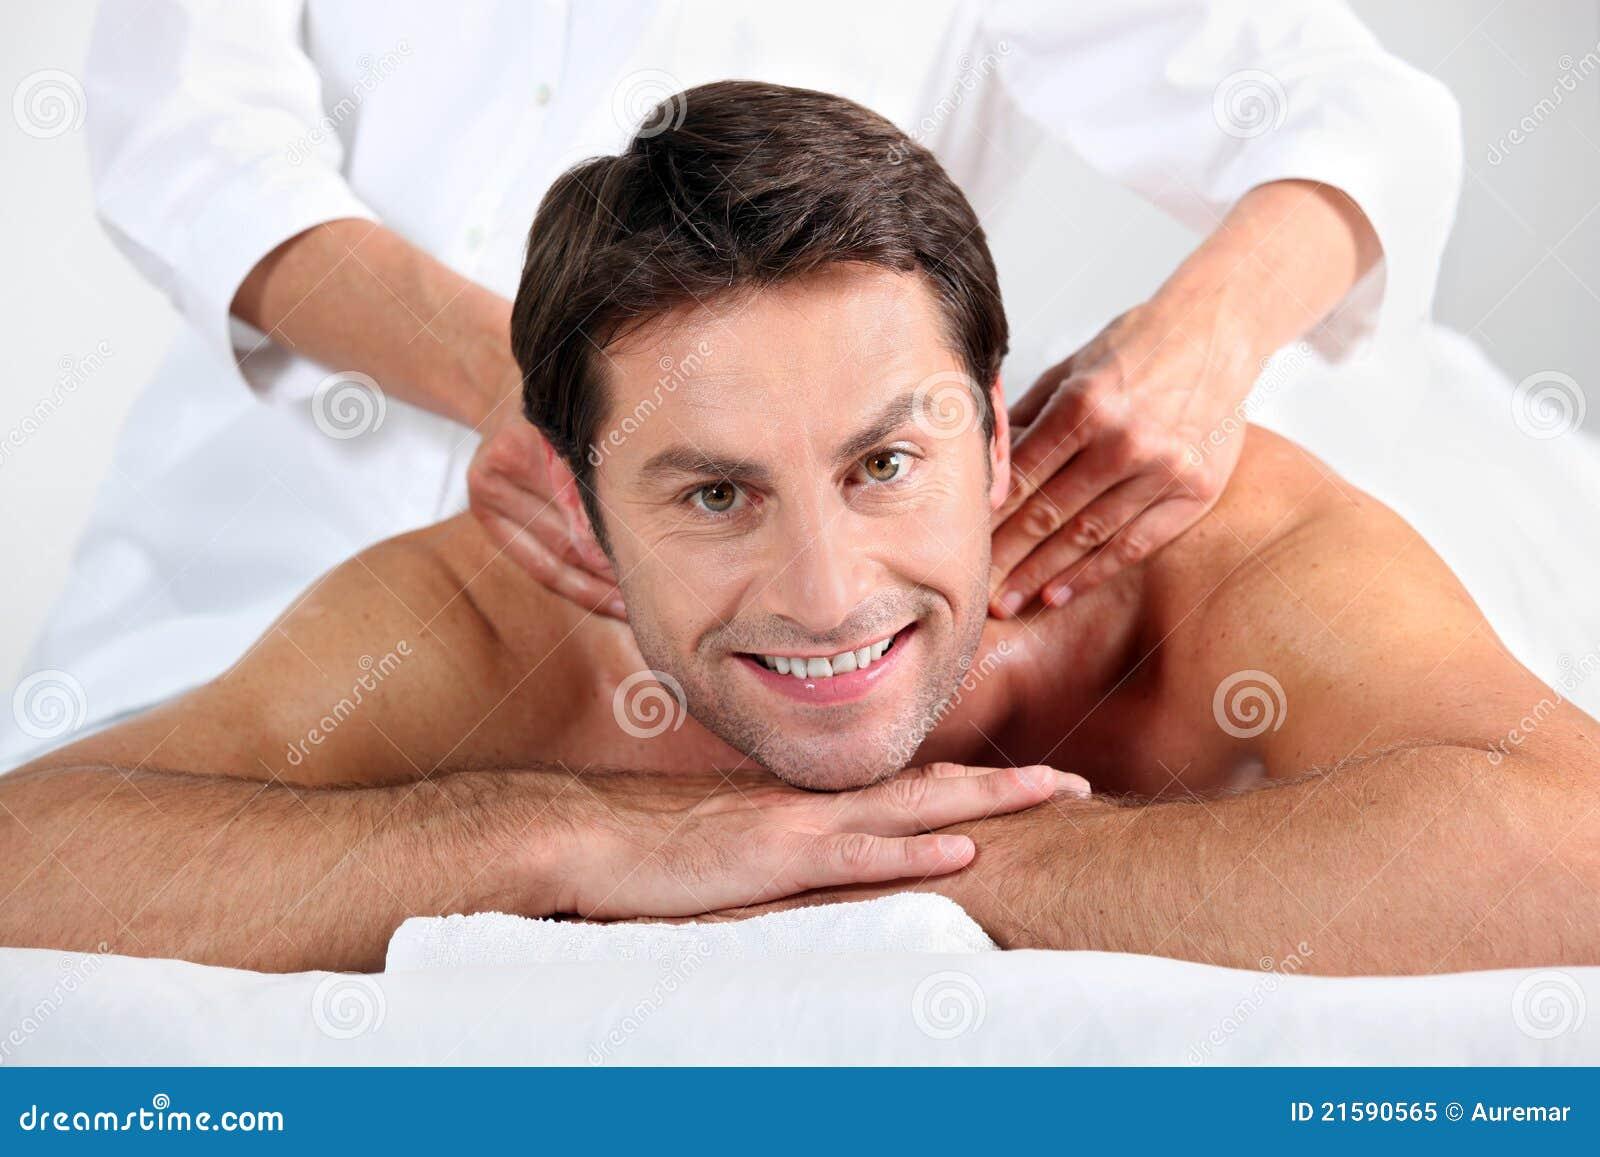 Back Massage Man